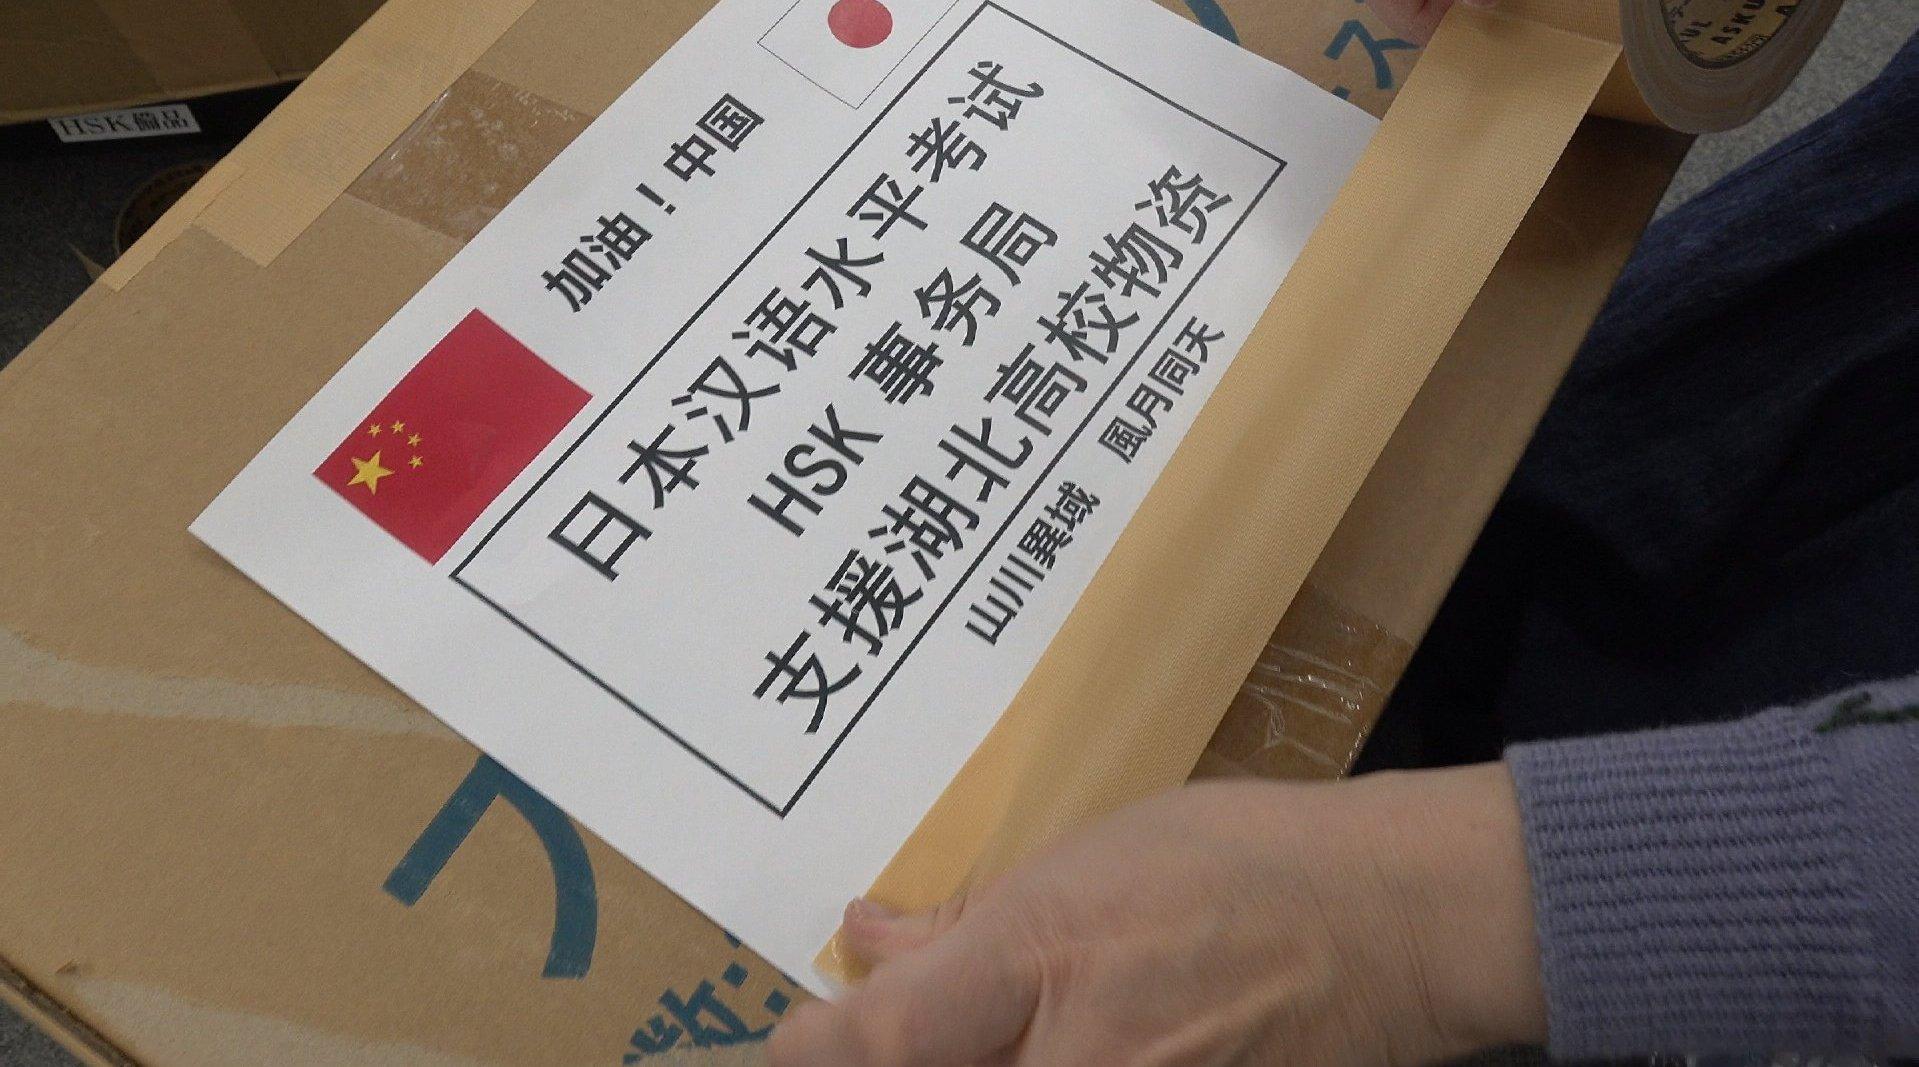 今天中午,走访了日本汉语水平考试,HSK事务所